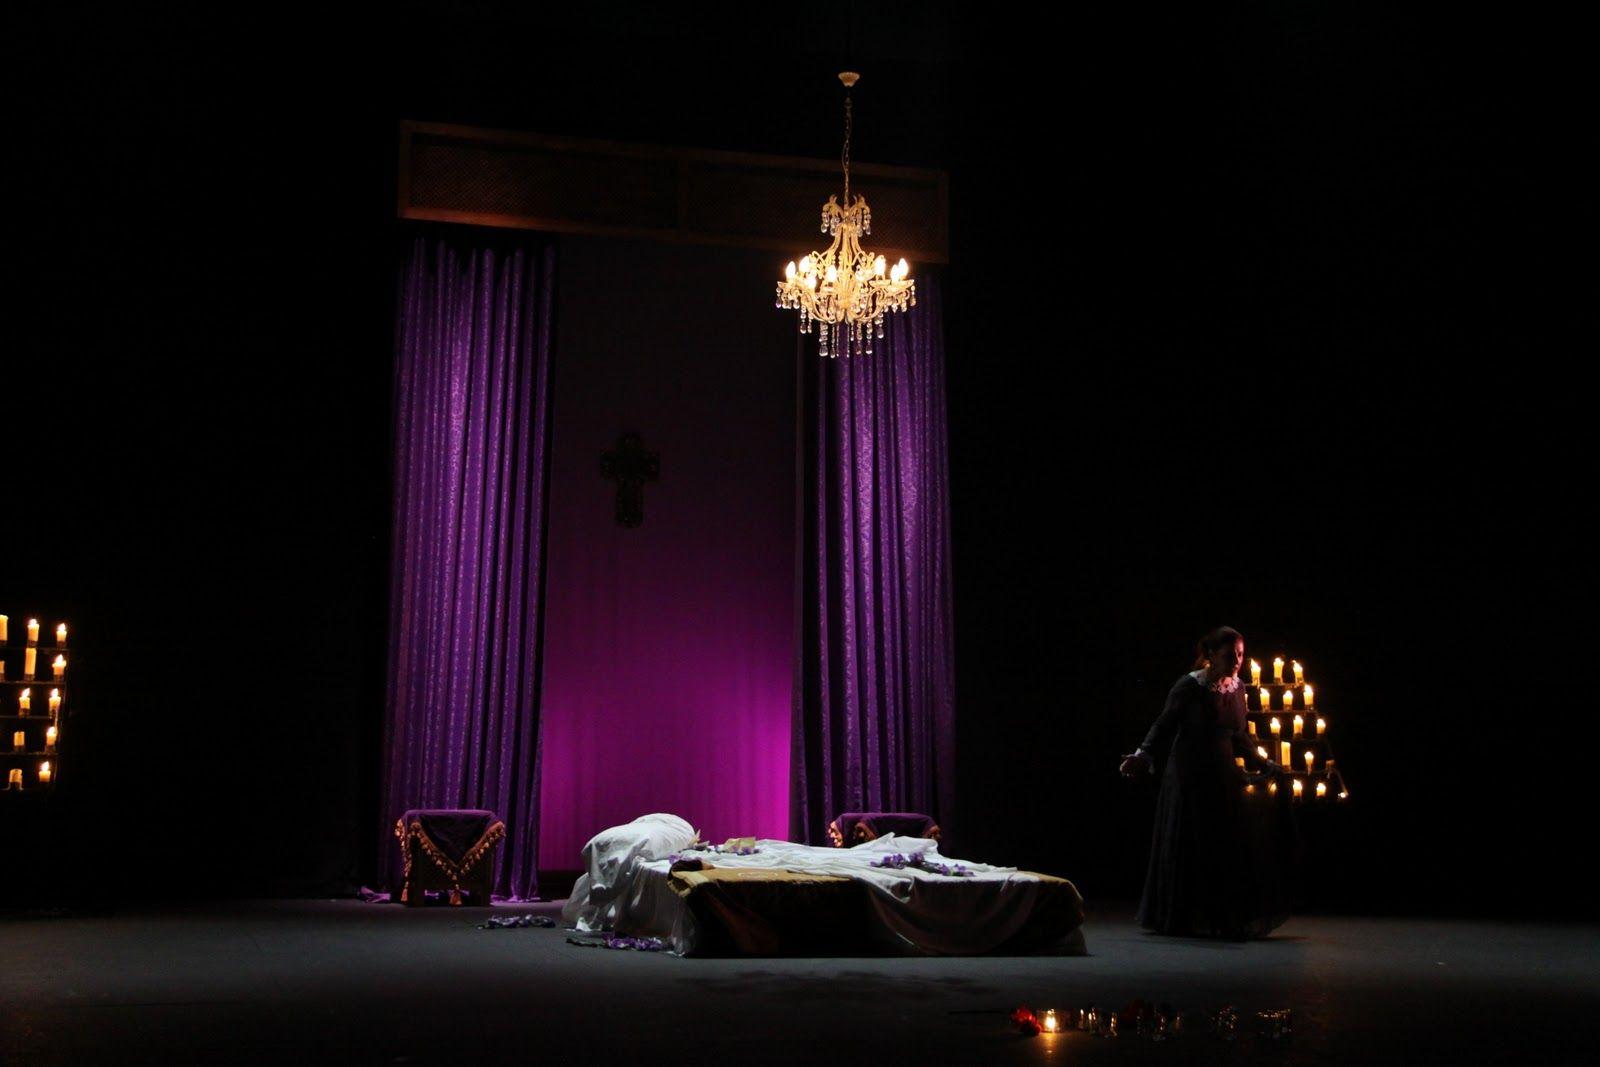 Escenografia cortinas luces escenas pinterest for Cortinas con luces